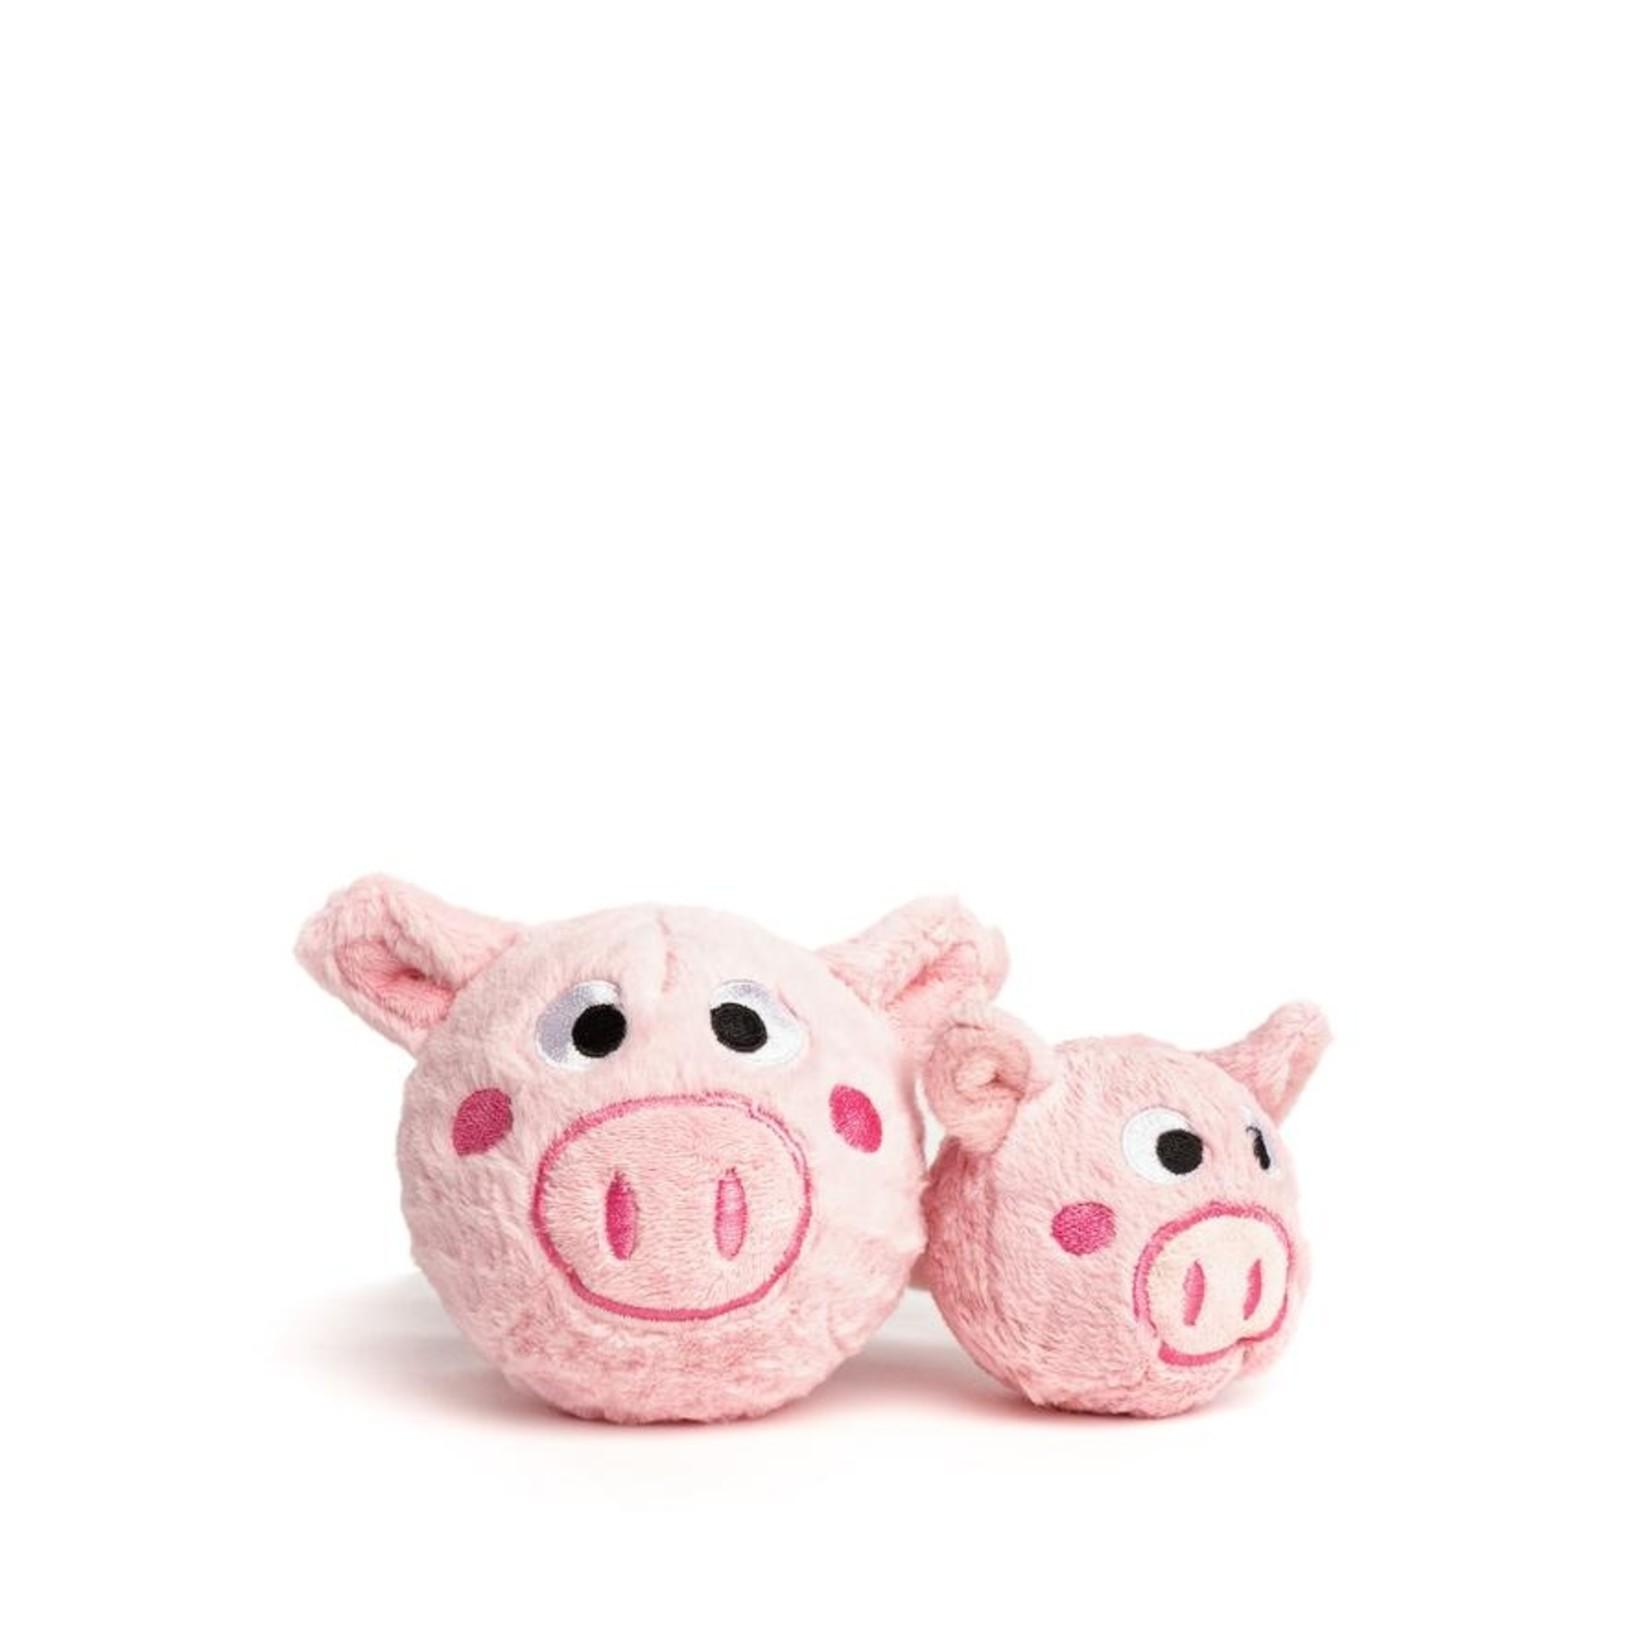 Fabdog Fabdog Faball Pig Dog Toy Medium